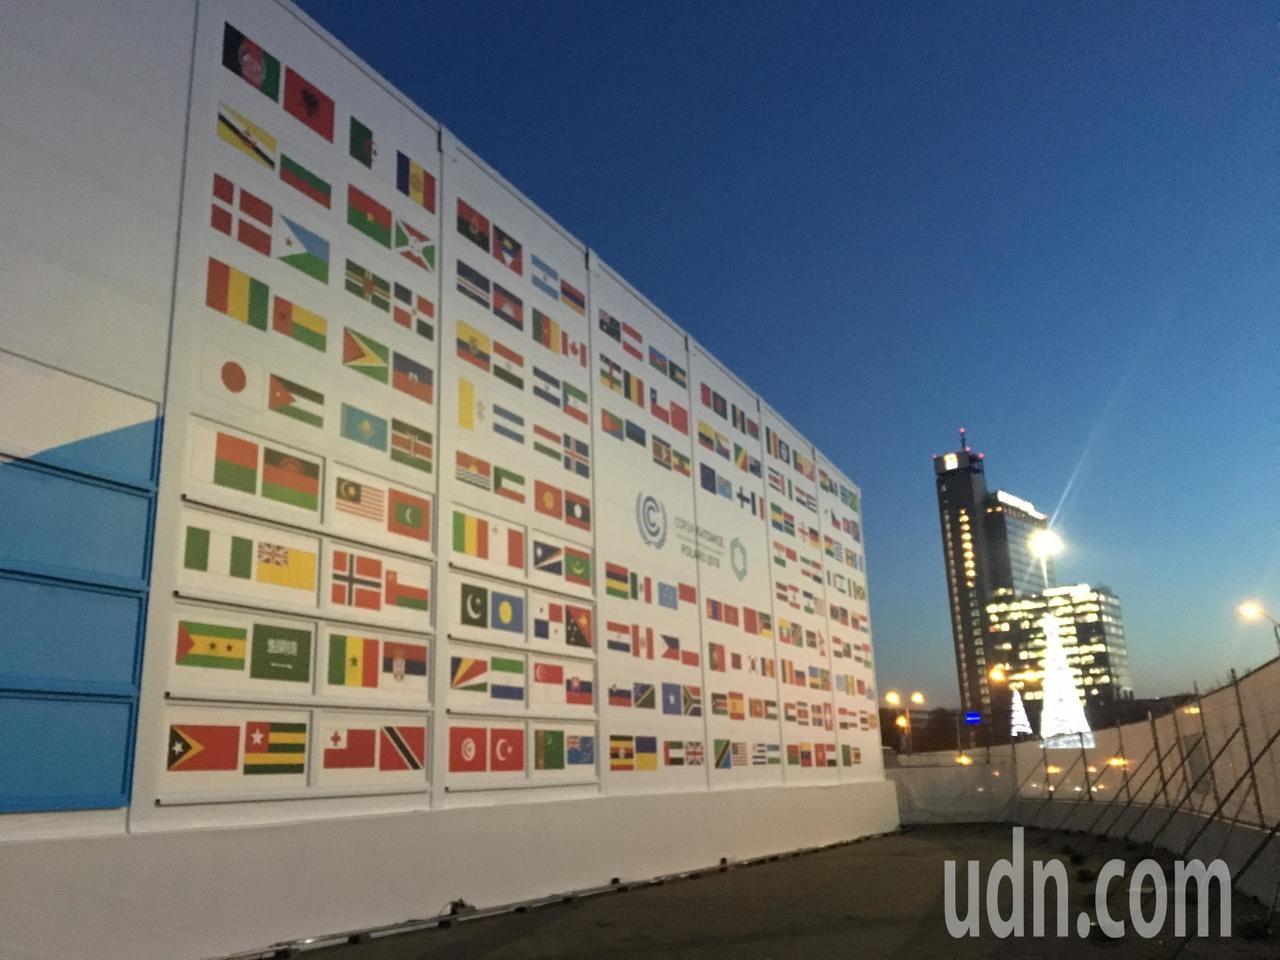 聯合國波蘭氣候大會,會場外面布置萬國旗。記者吳姿賢/攝影